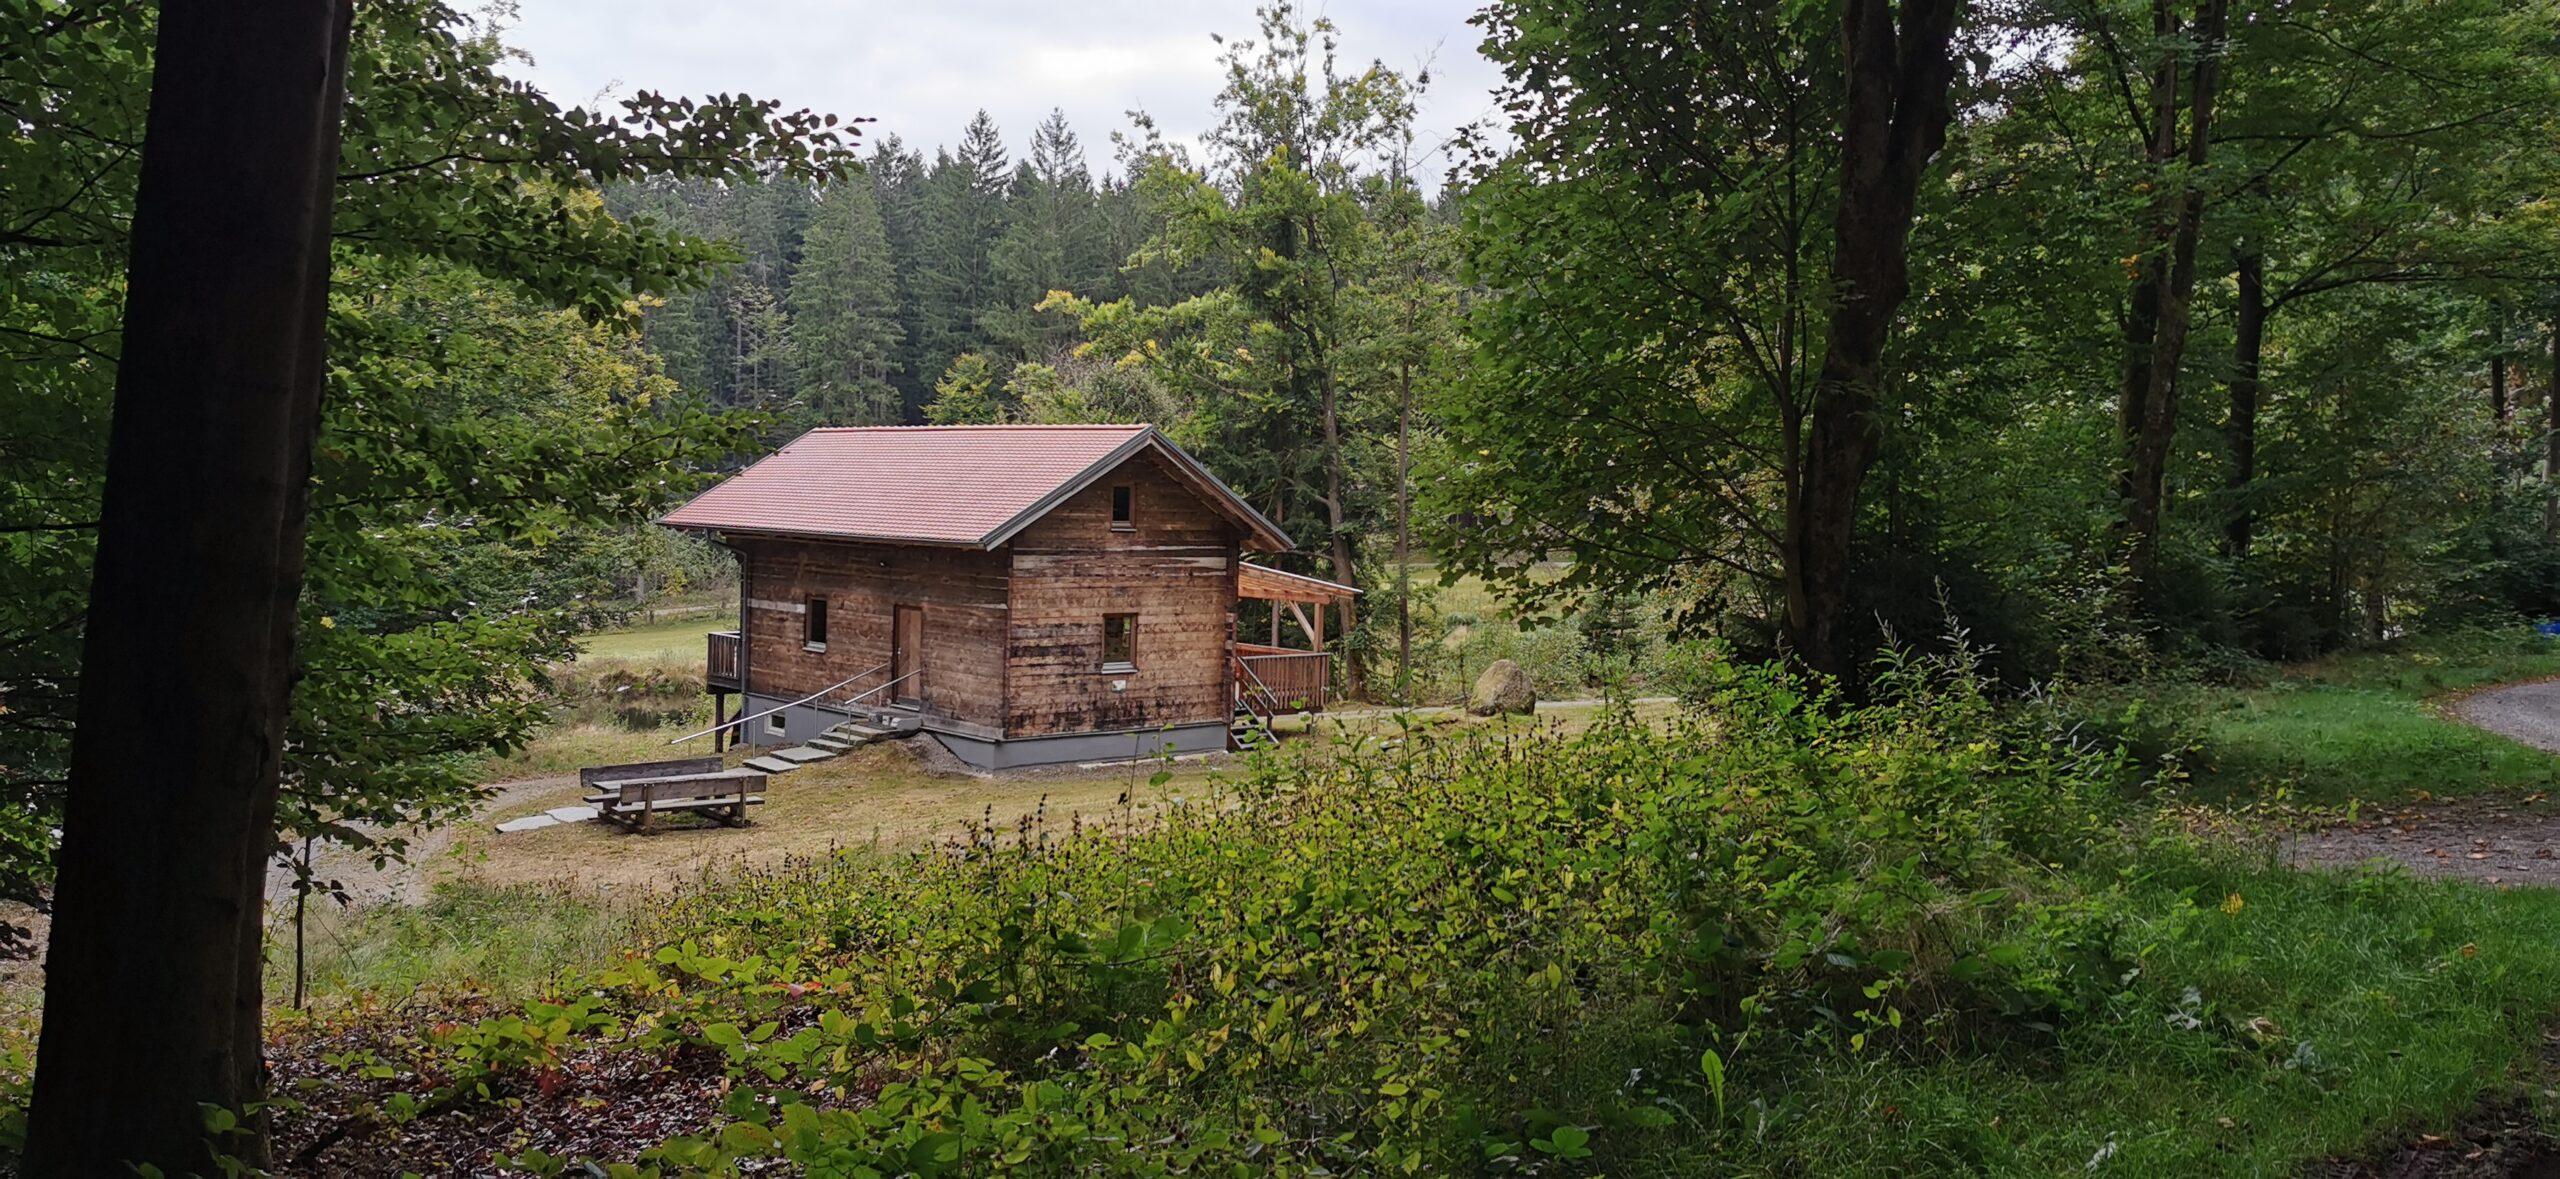 Tännesberger Forsthütte